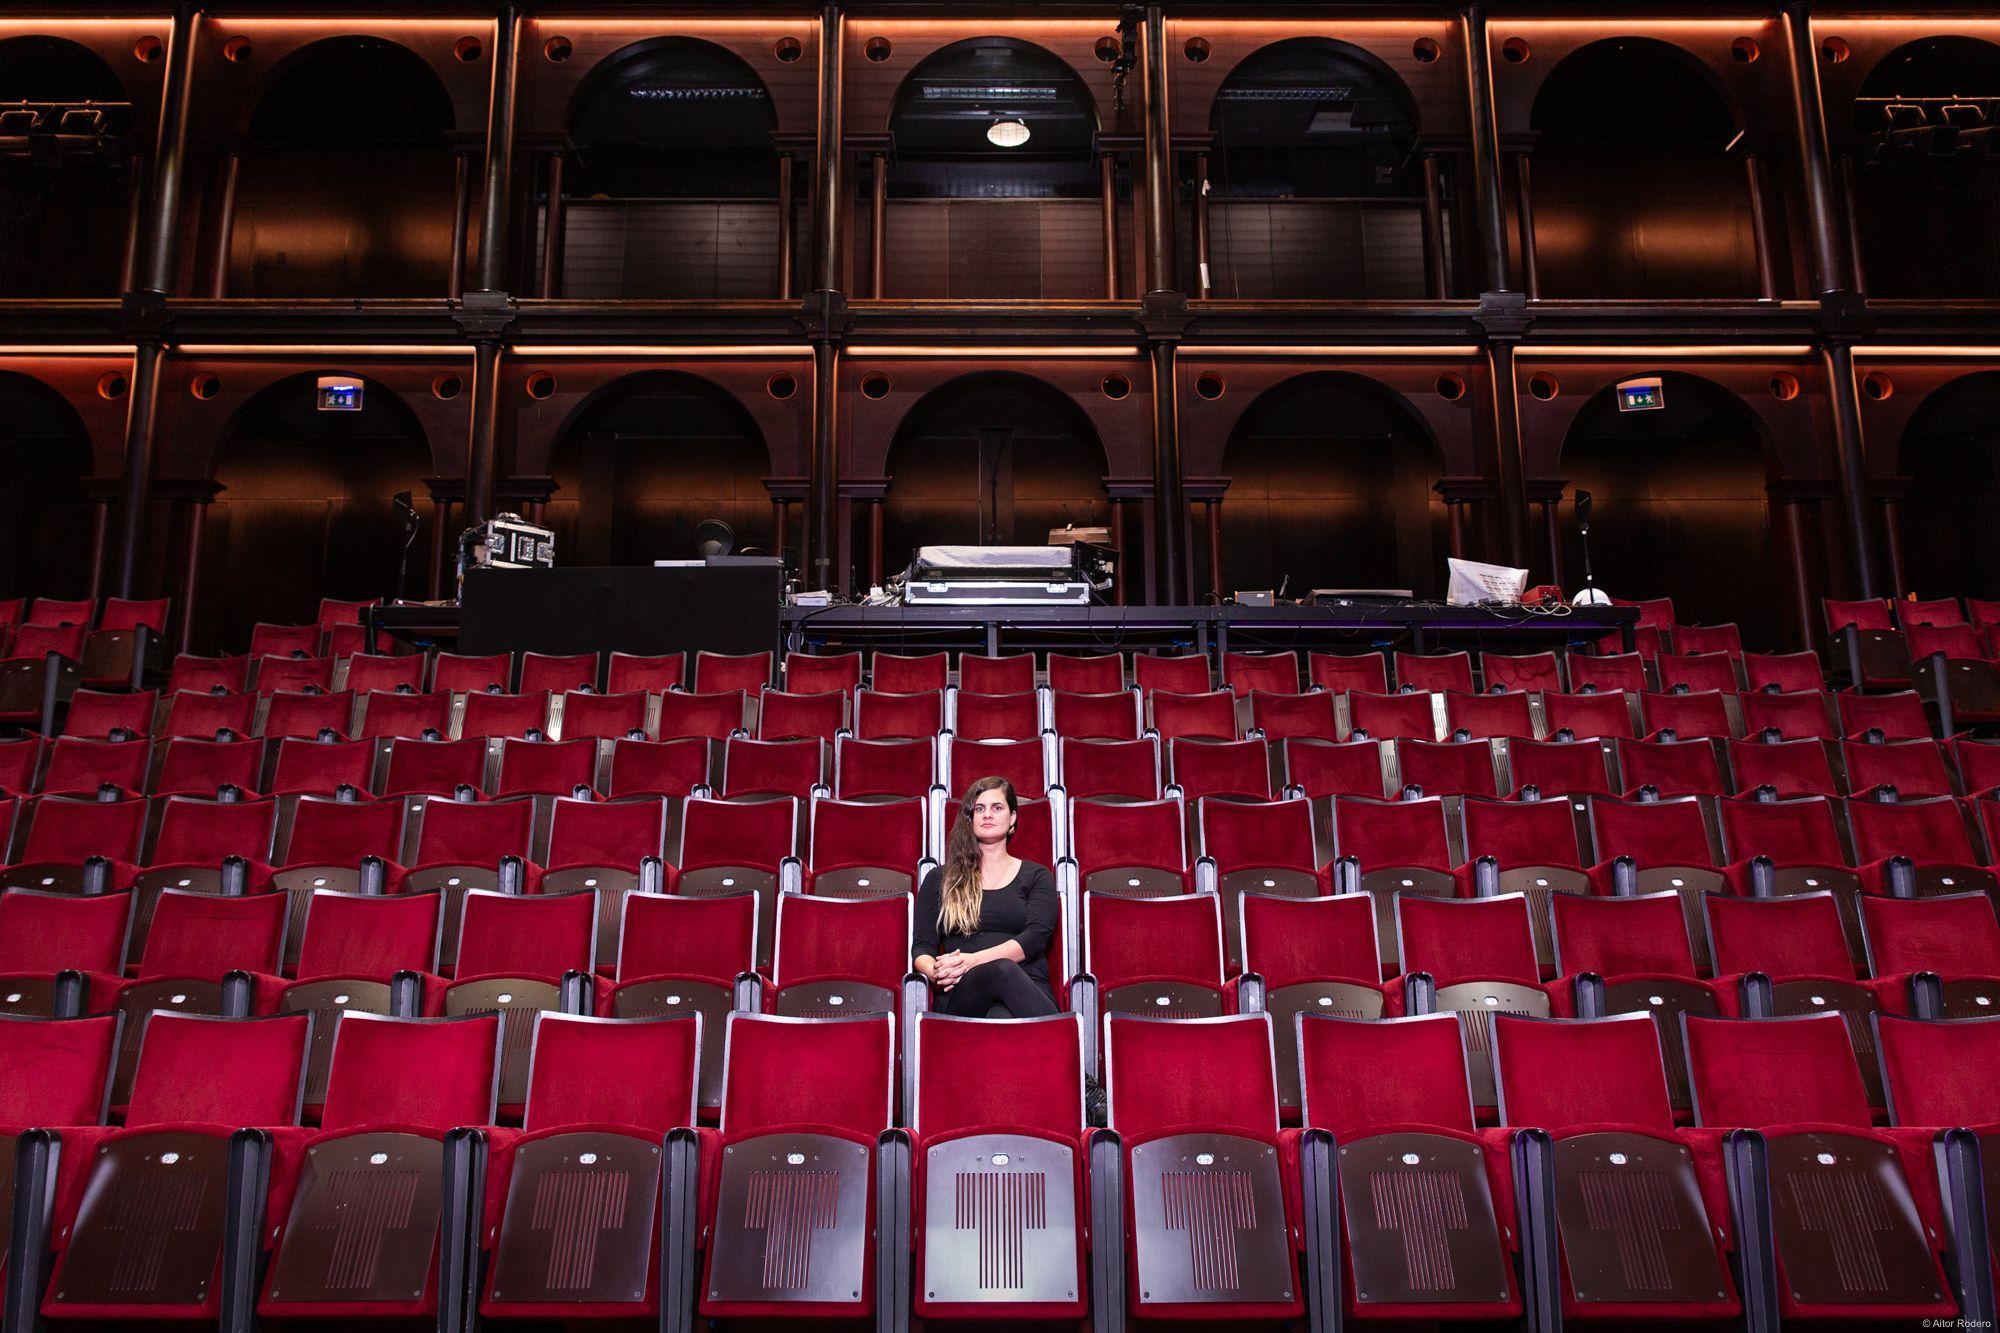 Posaré el meu cor en una safata (Assajos) / Direcció: Carla Rovira / Lloc: Teatre Lliure. Fotògraf: © Aitor Rodero. Aquestes fotografies tenen drets de copyright. NO POTS descarregar-les ni fer-les servir sense el meu permís. Si vols adquirir-les y fer ús d'elles contacta amb mi en aquest e-mail: aitorrodero@aitorrodero-fotografia.com.